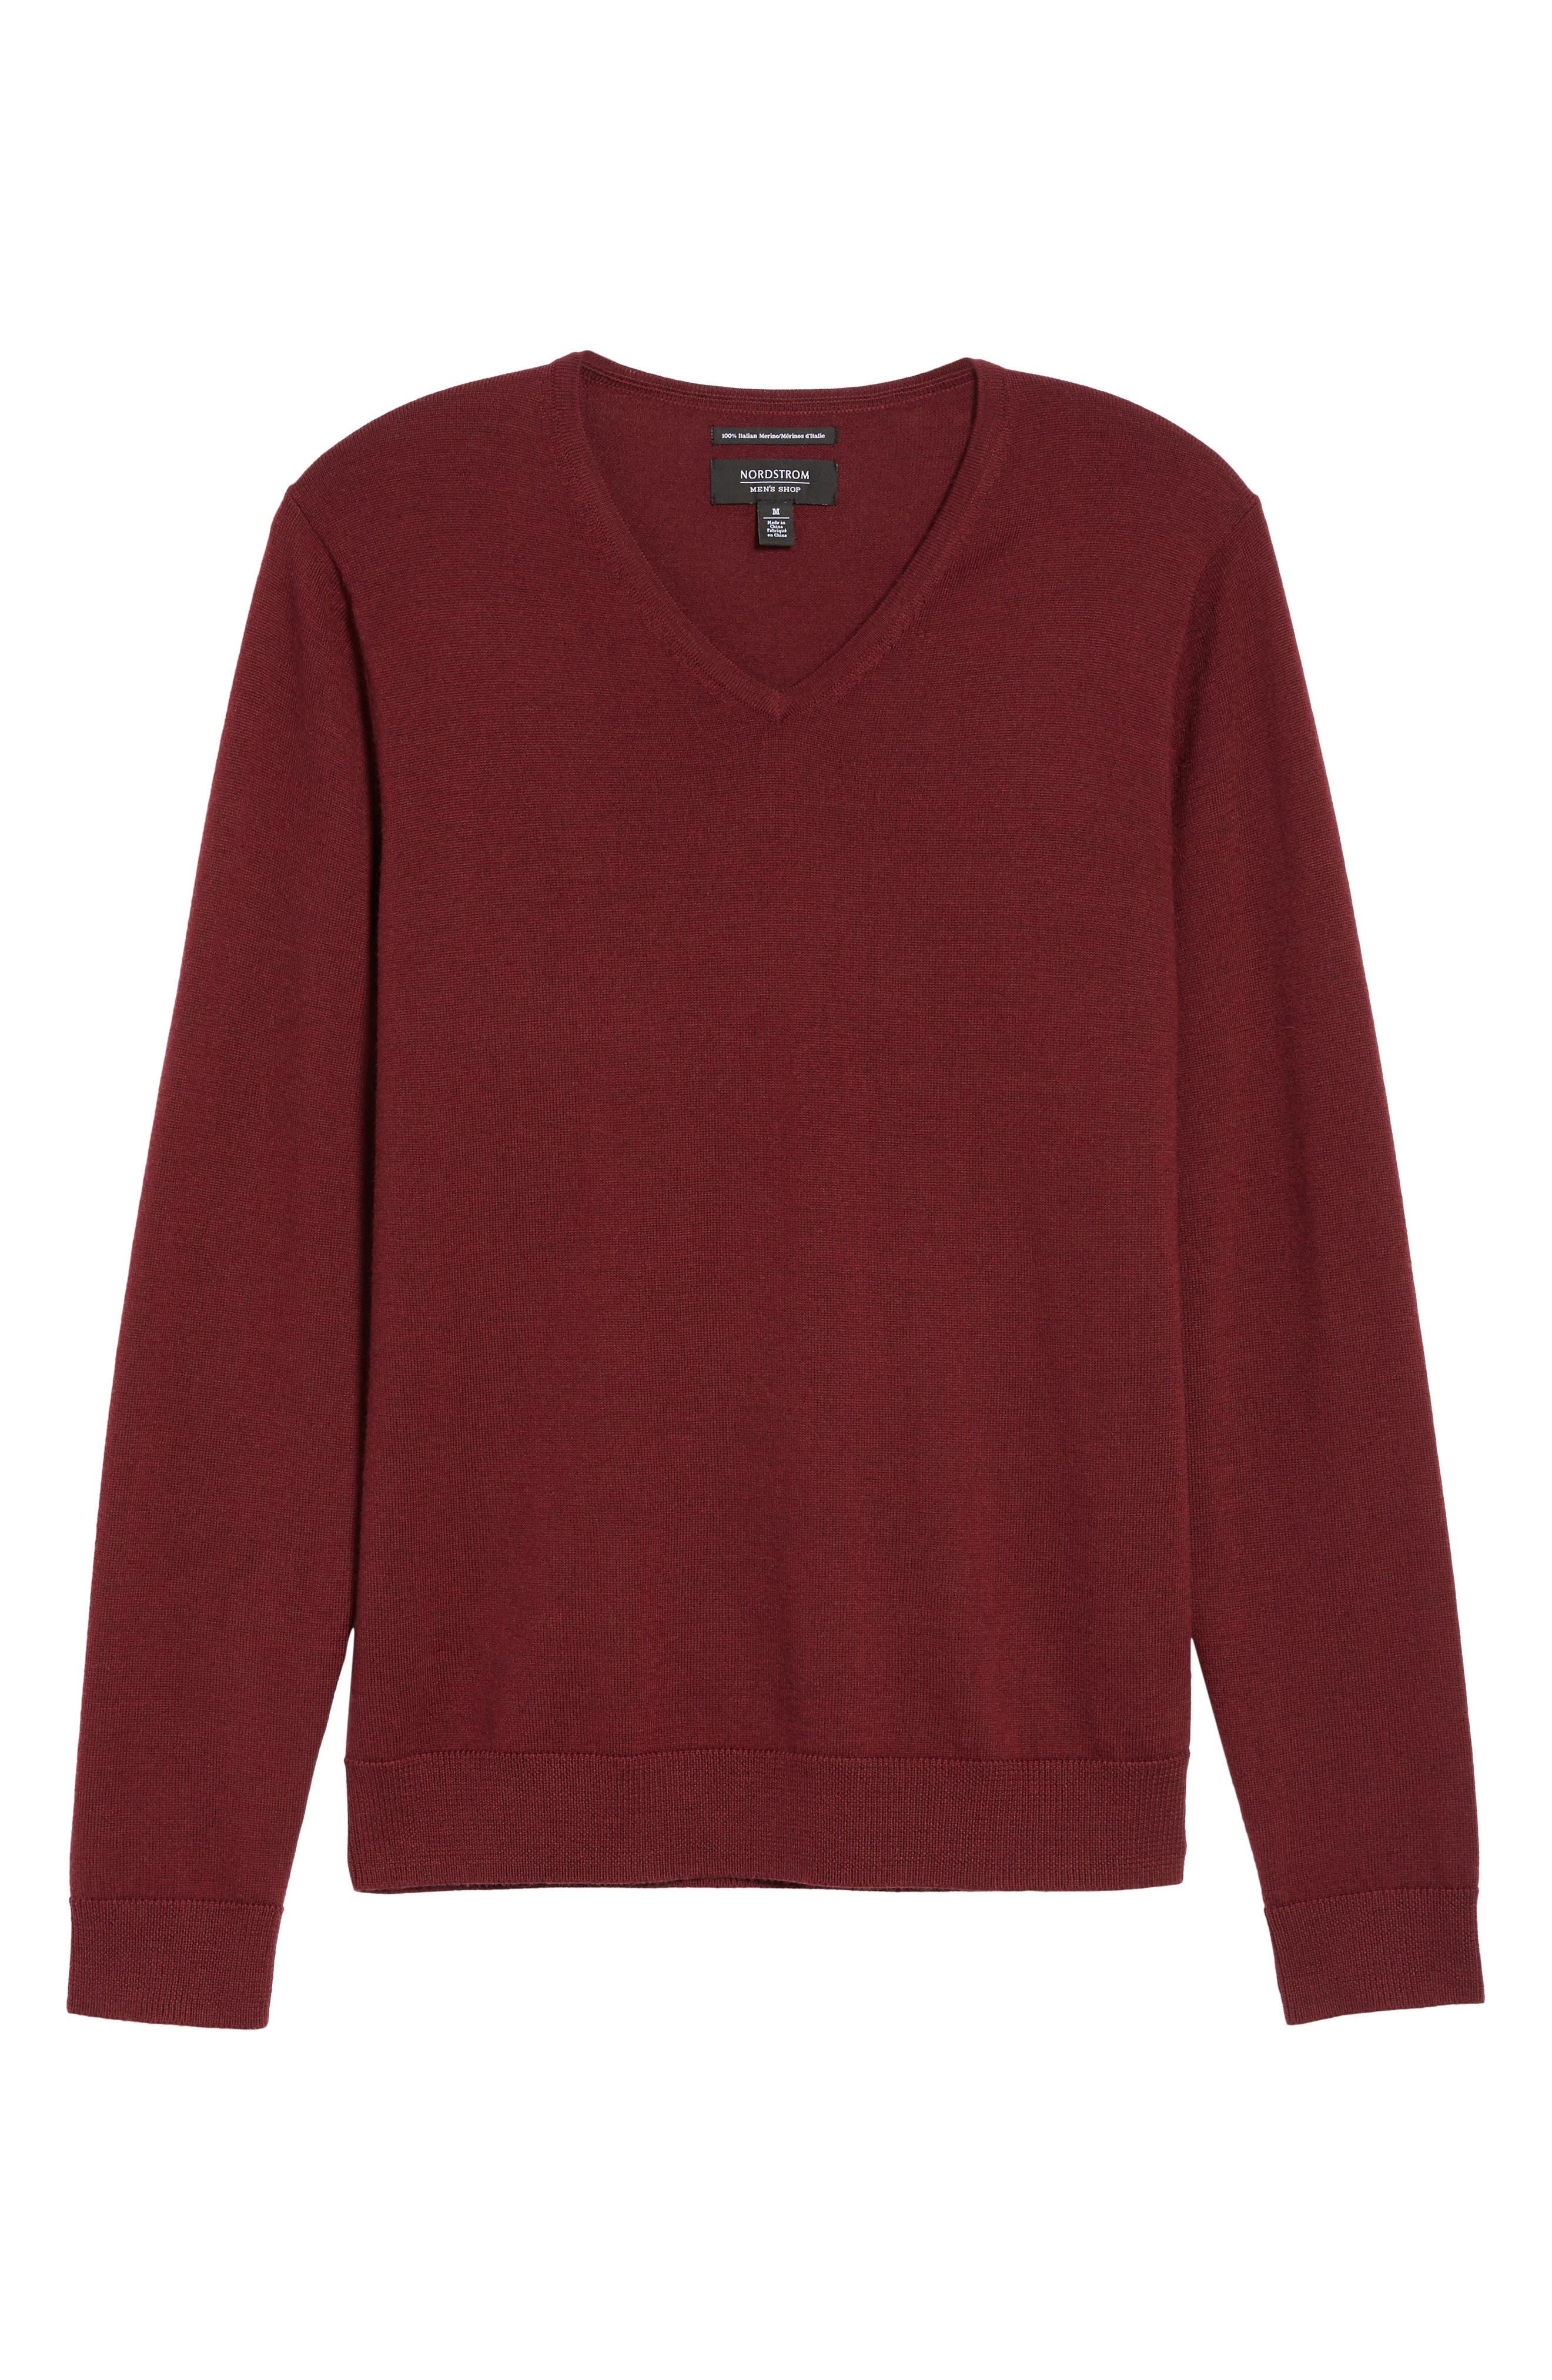 V-Neck Merino Wool Sweater,                             Alternate thumbnail 6, color,                             Burgundy Stem